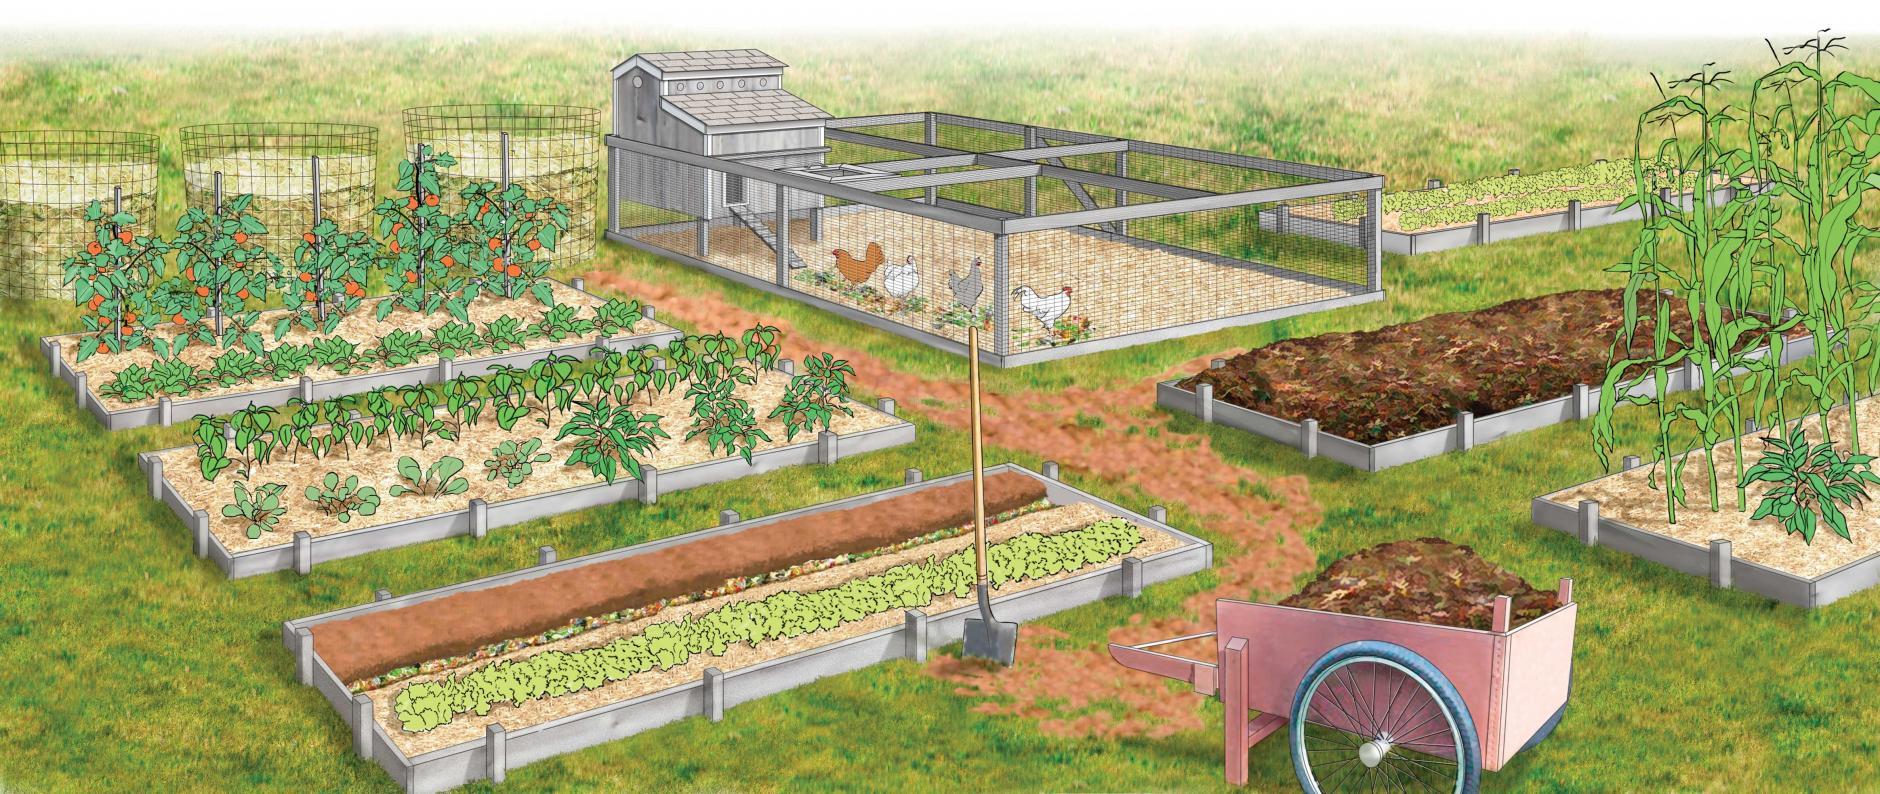 , 24 Diseños de granjas autosuficientes para encontrar inspiración